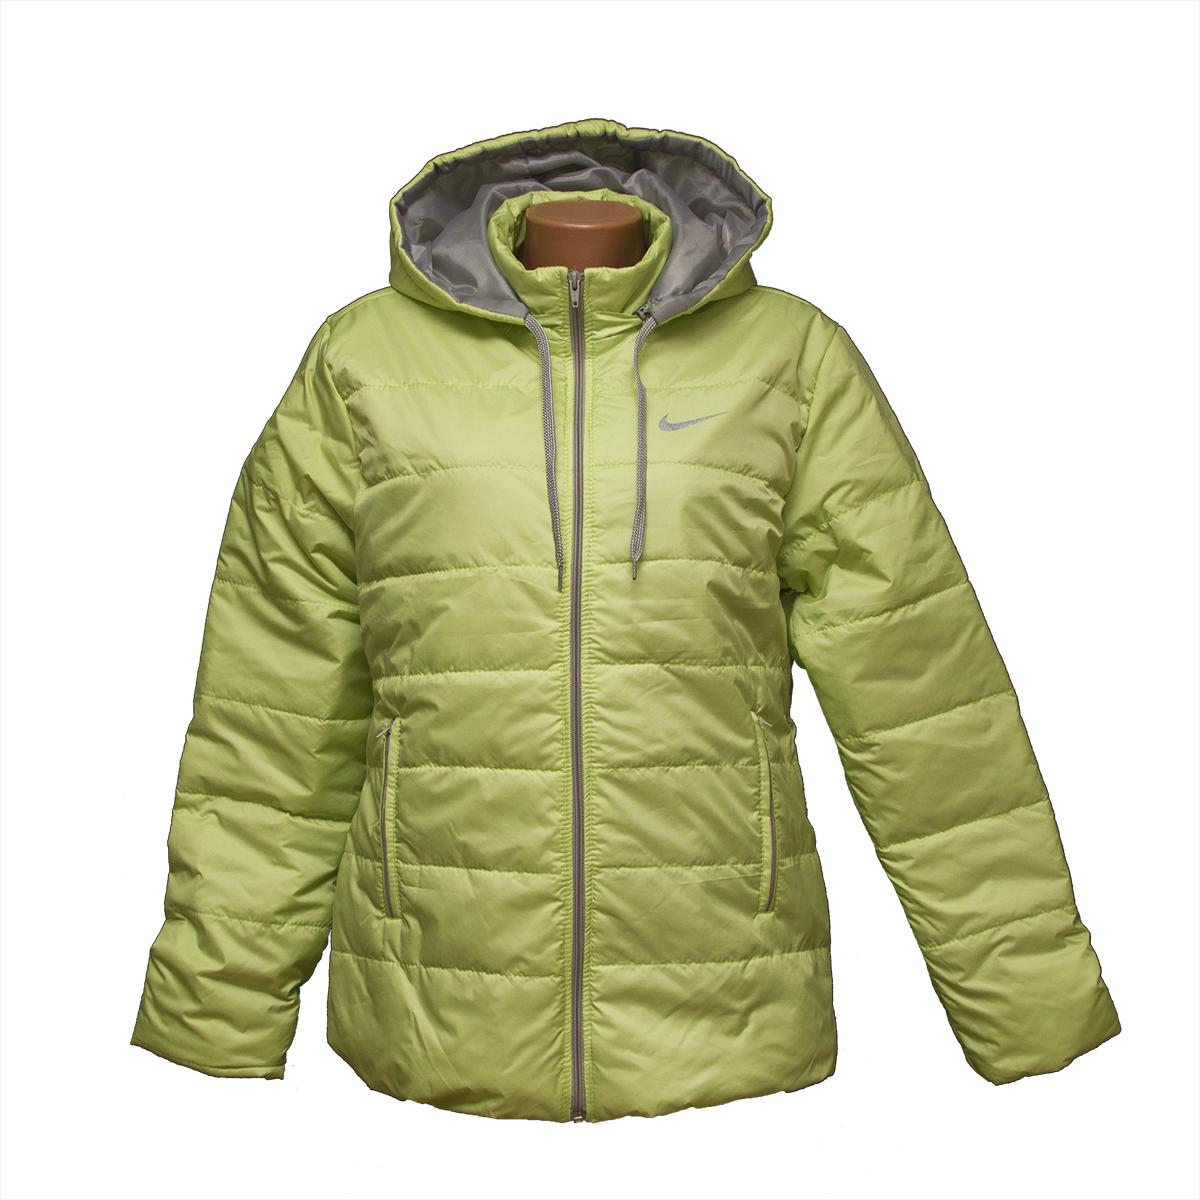 b6256572fb4 Куртка женская больших размеров интернет магазин KD1425 оптом и в ...